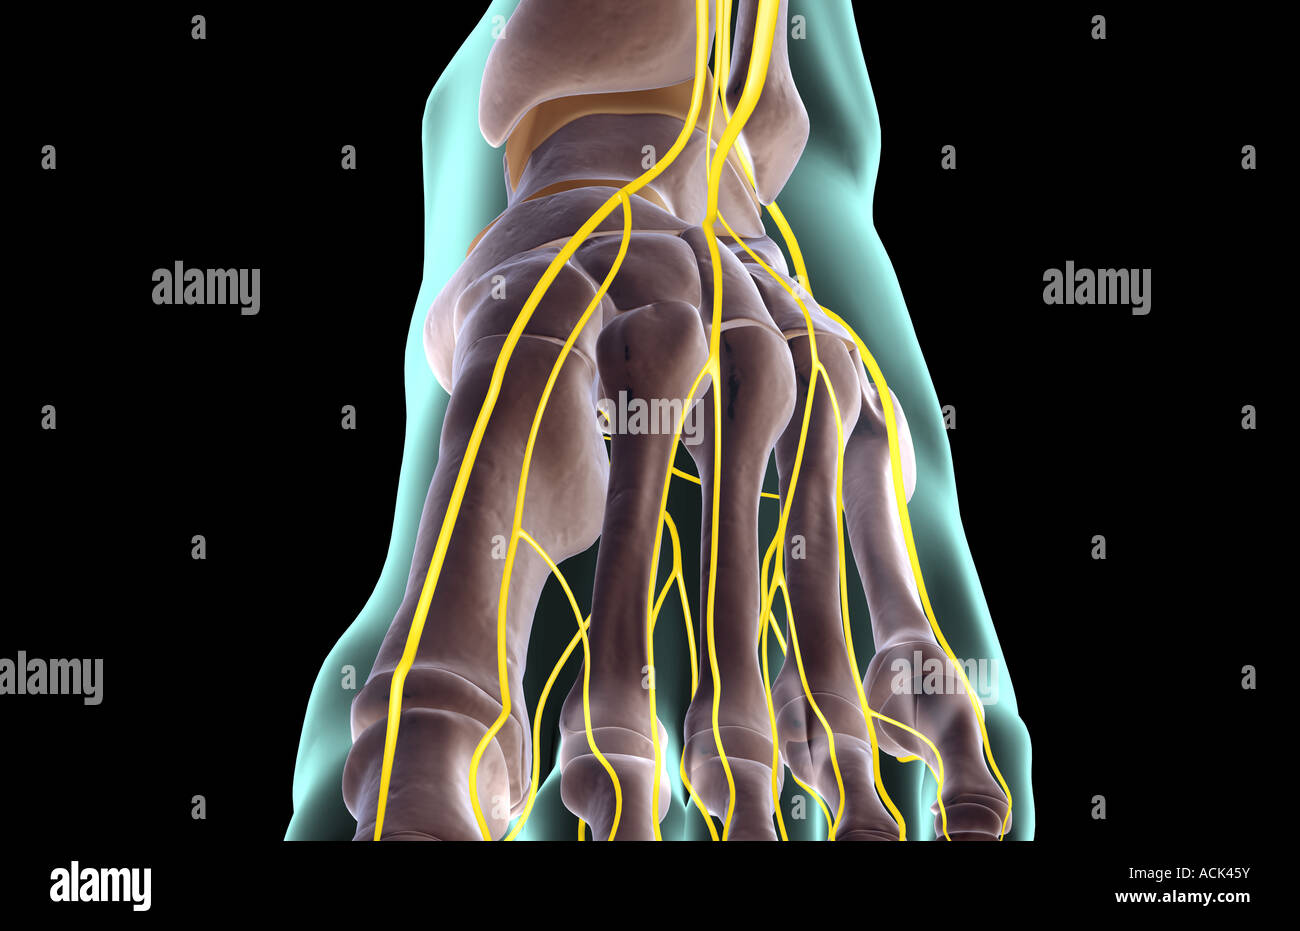 Die Nerven des Fußes Stockfoto, Bild: 13175750 - Alamy